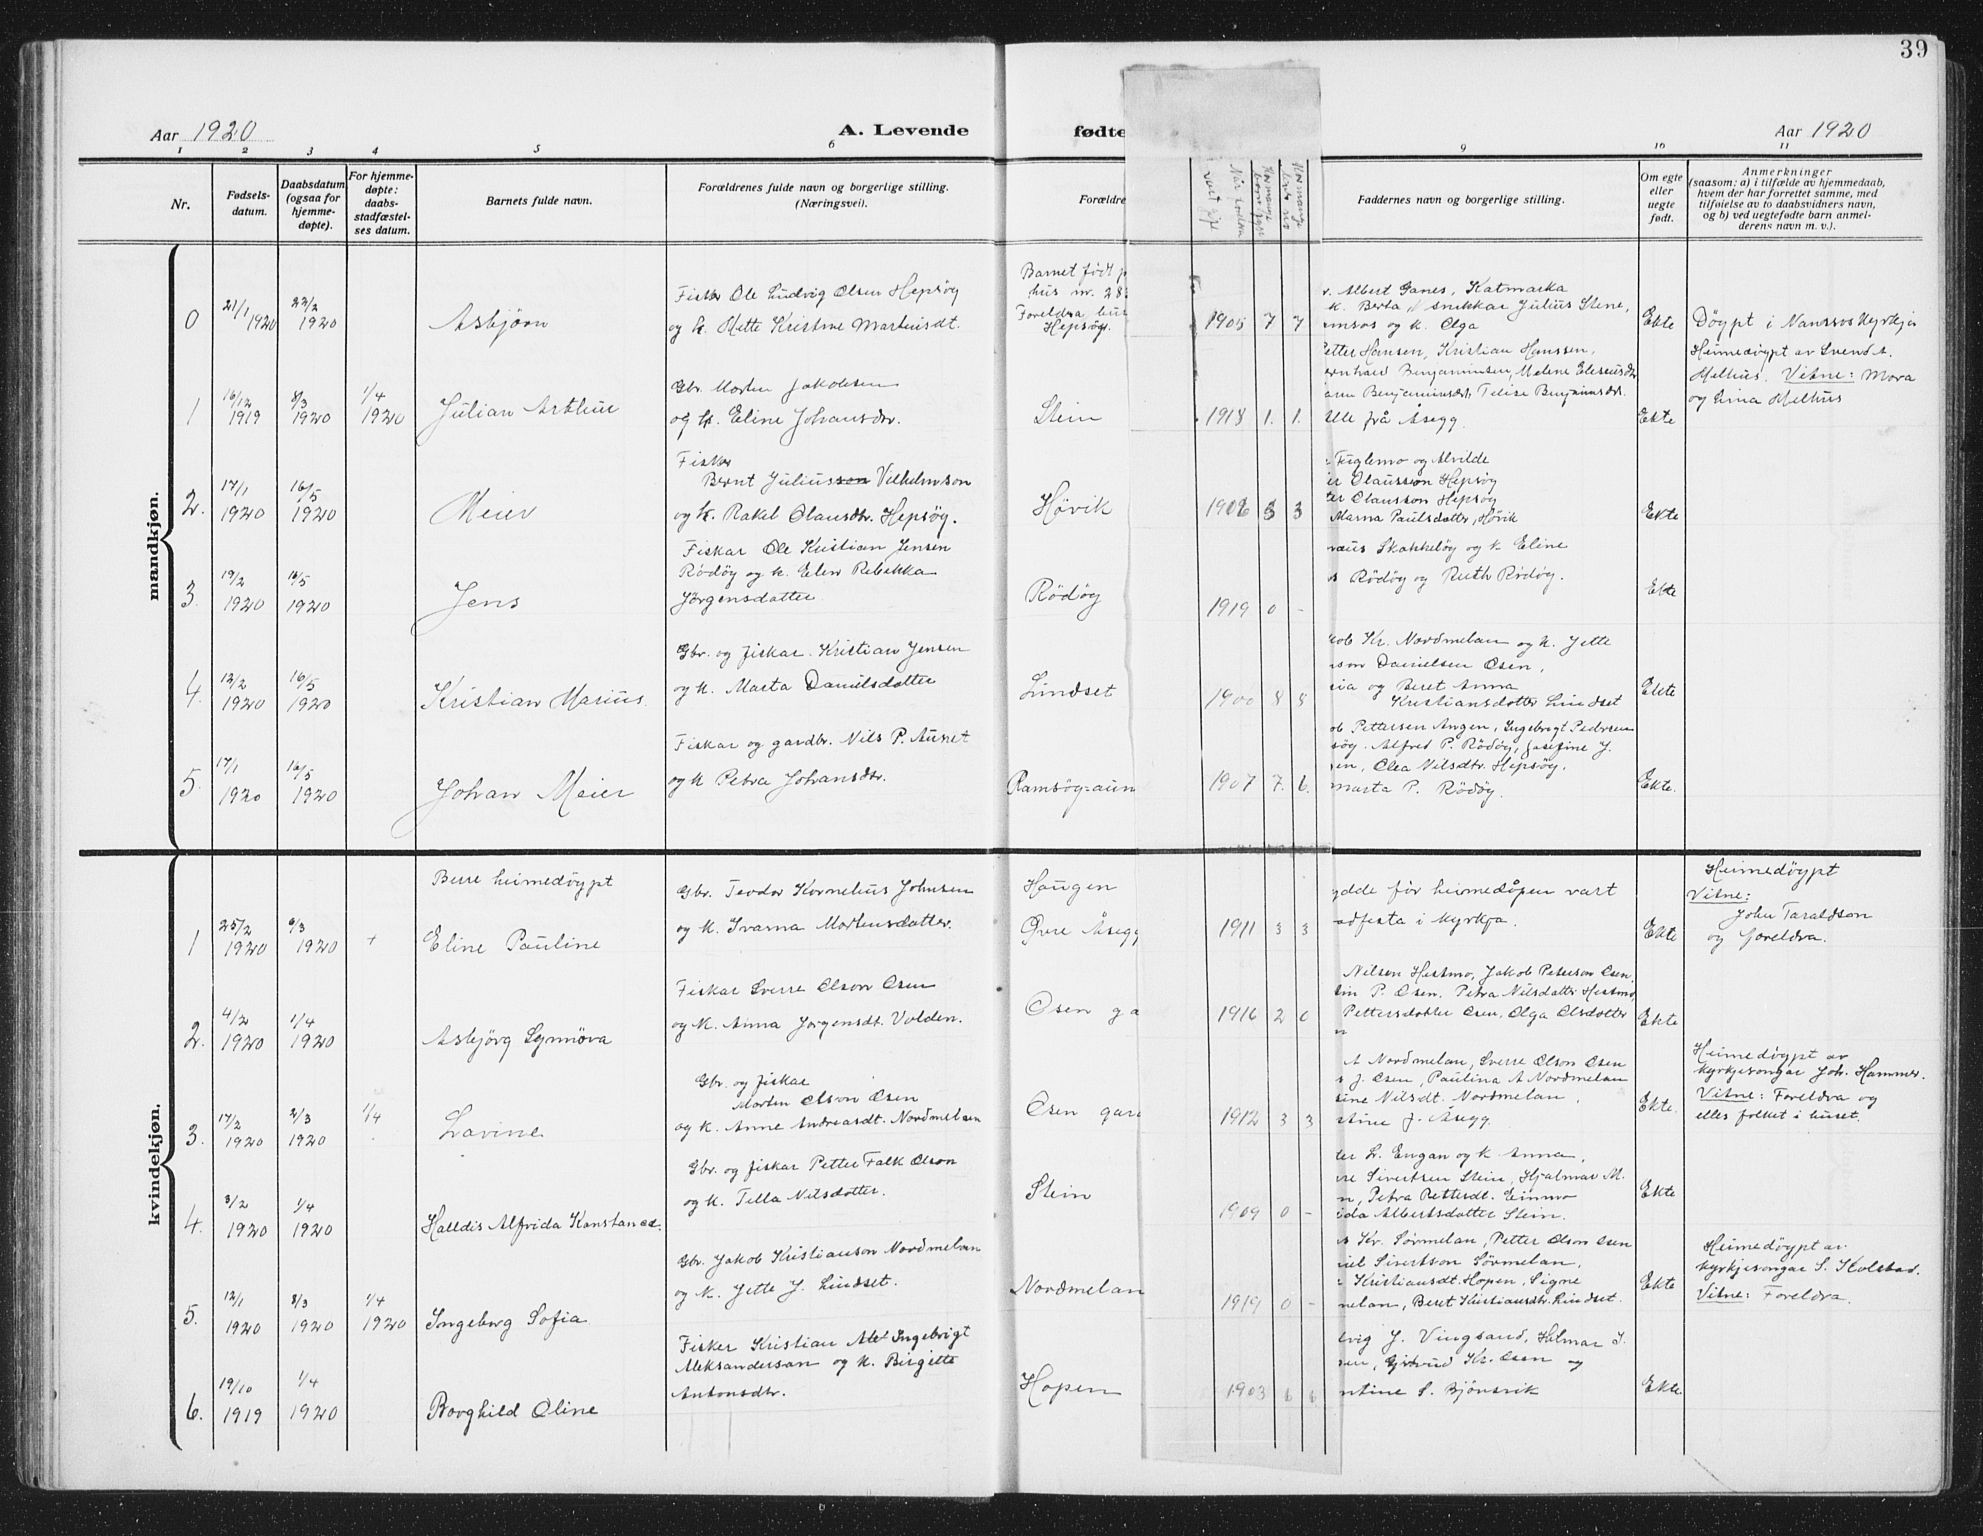 SAT, Ministerialprotokoller, klokkerbøker og fødselsregistre - Sør-Trøndelag, 658/L0727: Klokkerbok nr. 658C03, 1909-1935, s. 39